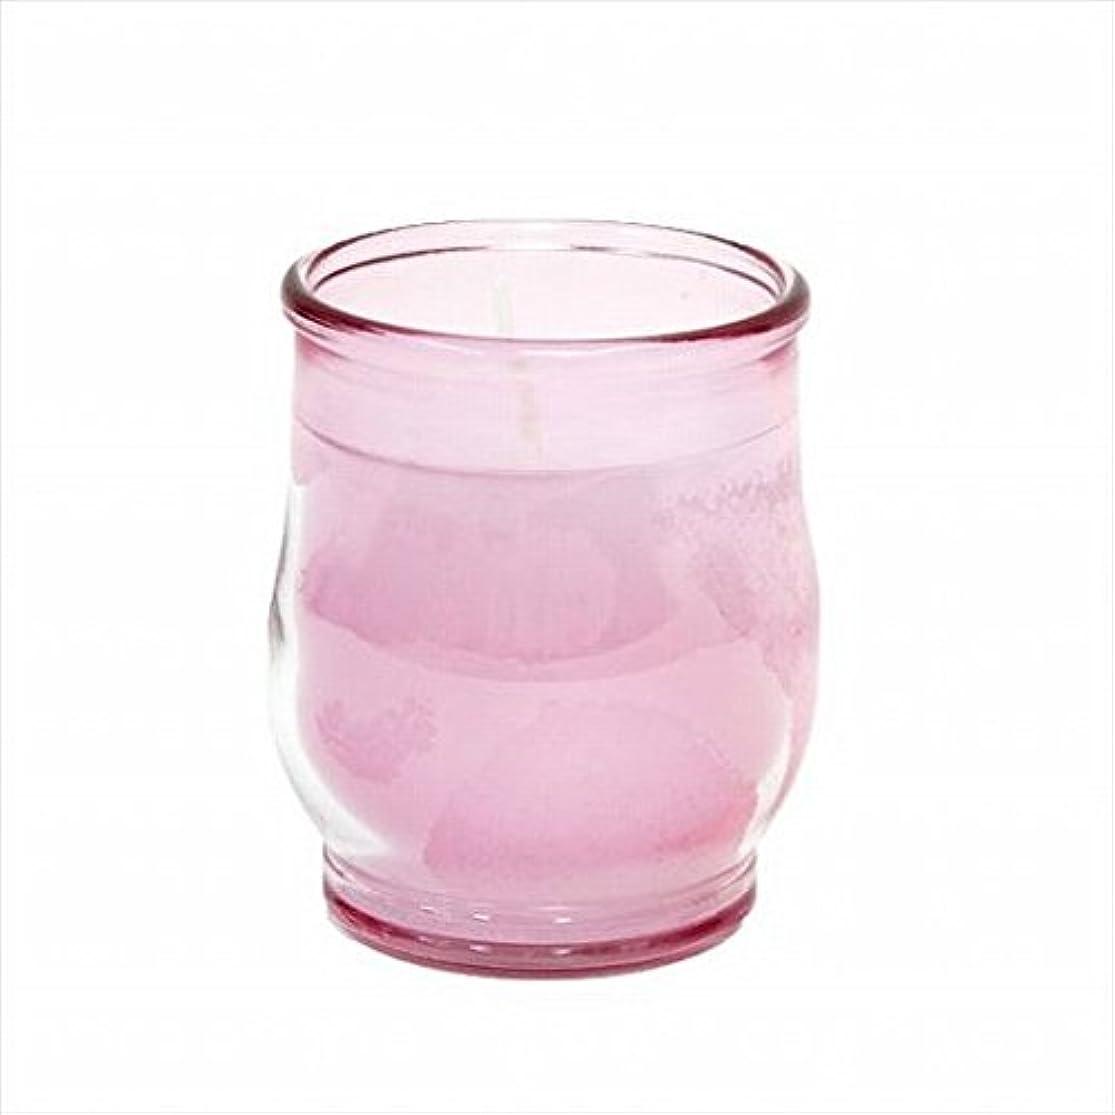 アンティーク忌避剤器官kameyama candle(カメヤマキャンドル) ポシェ(非常用コップローソク) 「 ピンク(ライトカラー) 」 キャンドル 68x68x80mm (73020030P)